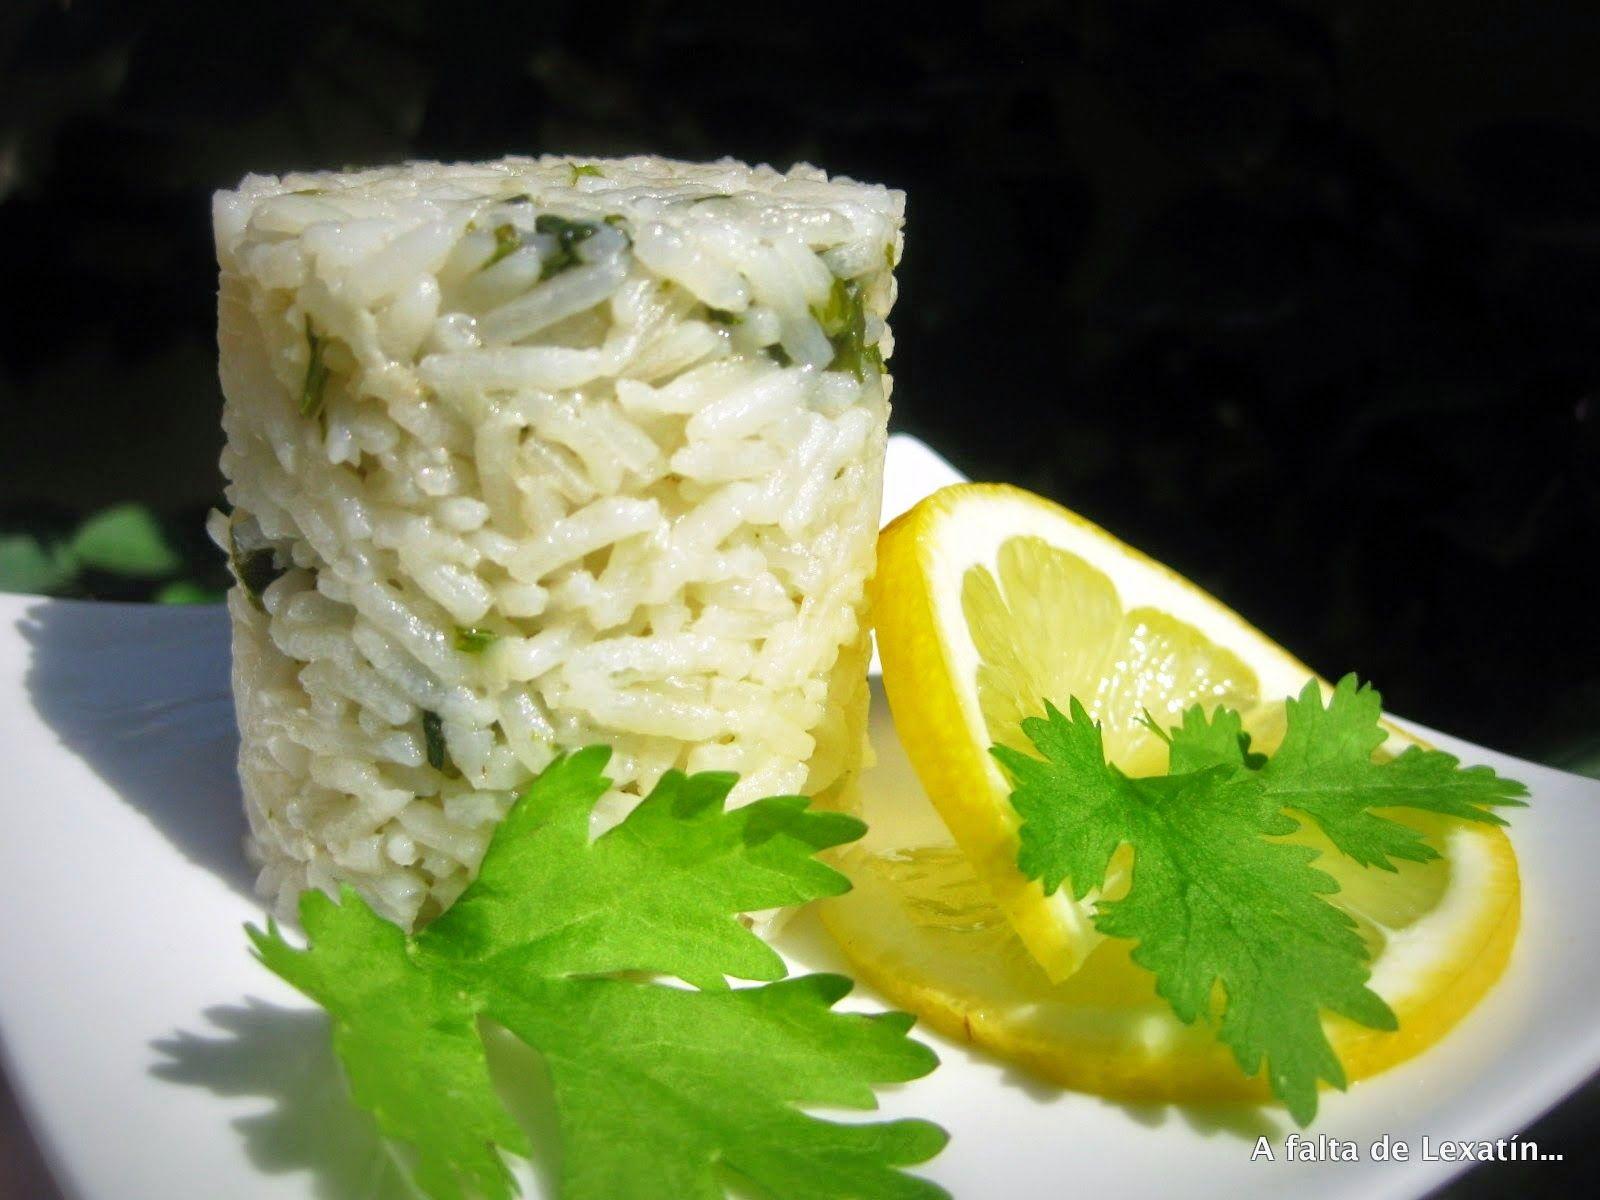 A falta de Lexatín... buenas son tortas: Arroz con cilantro en microondas